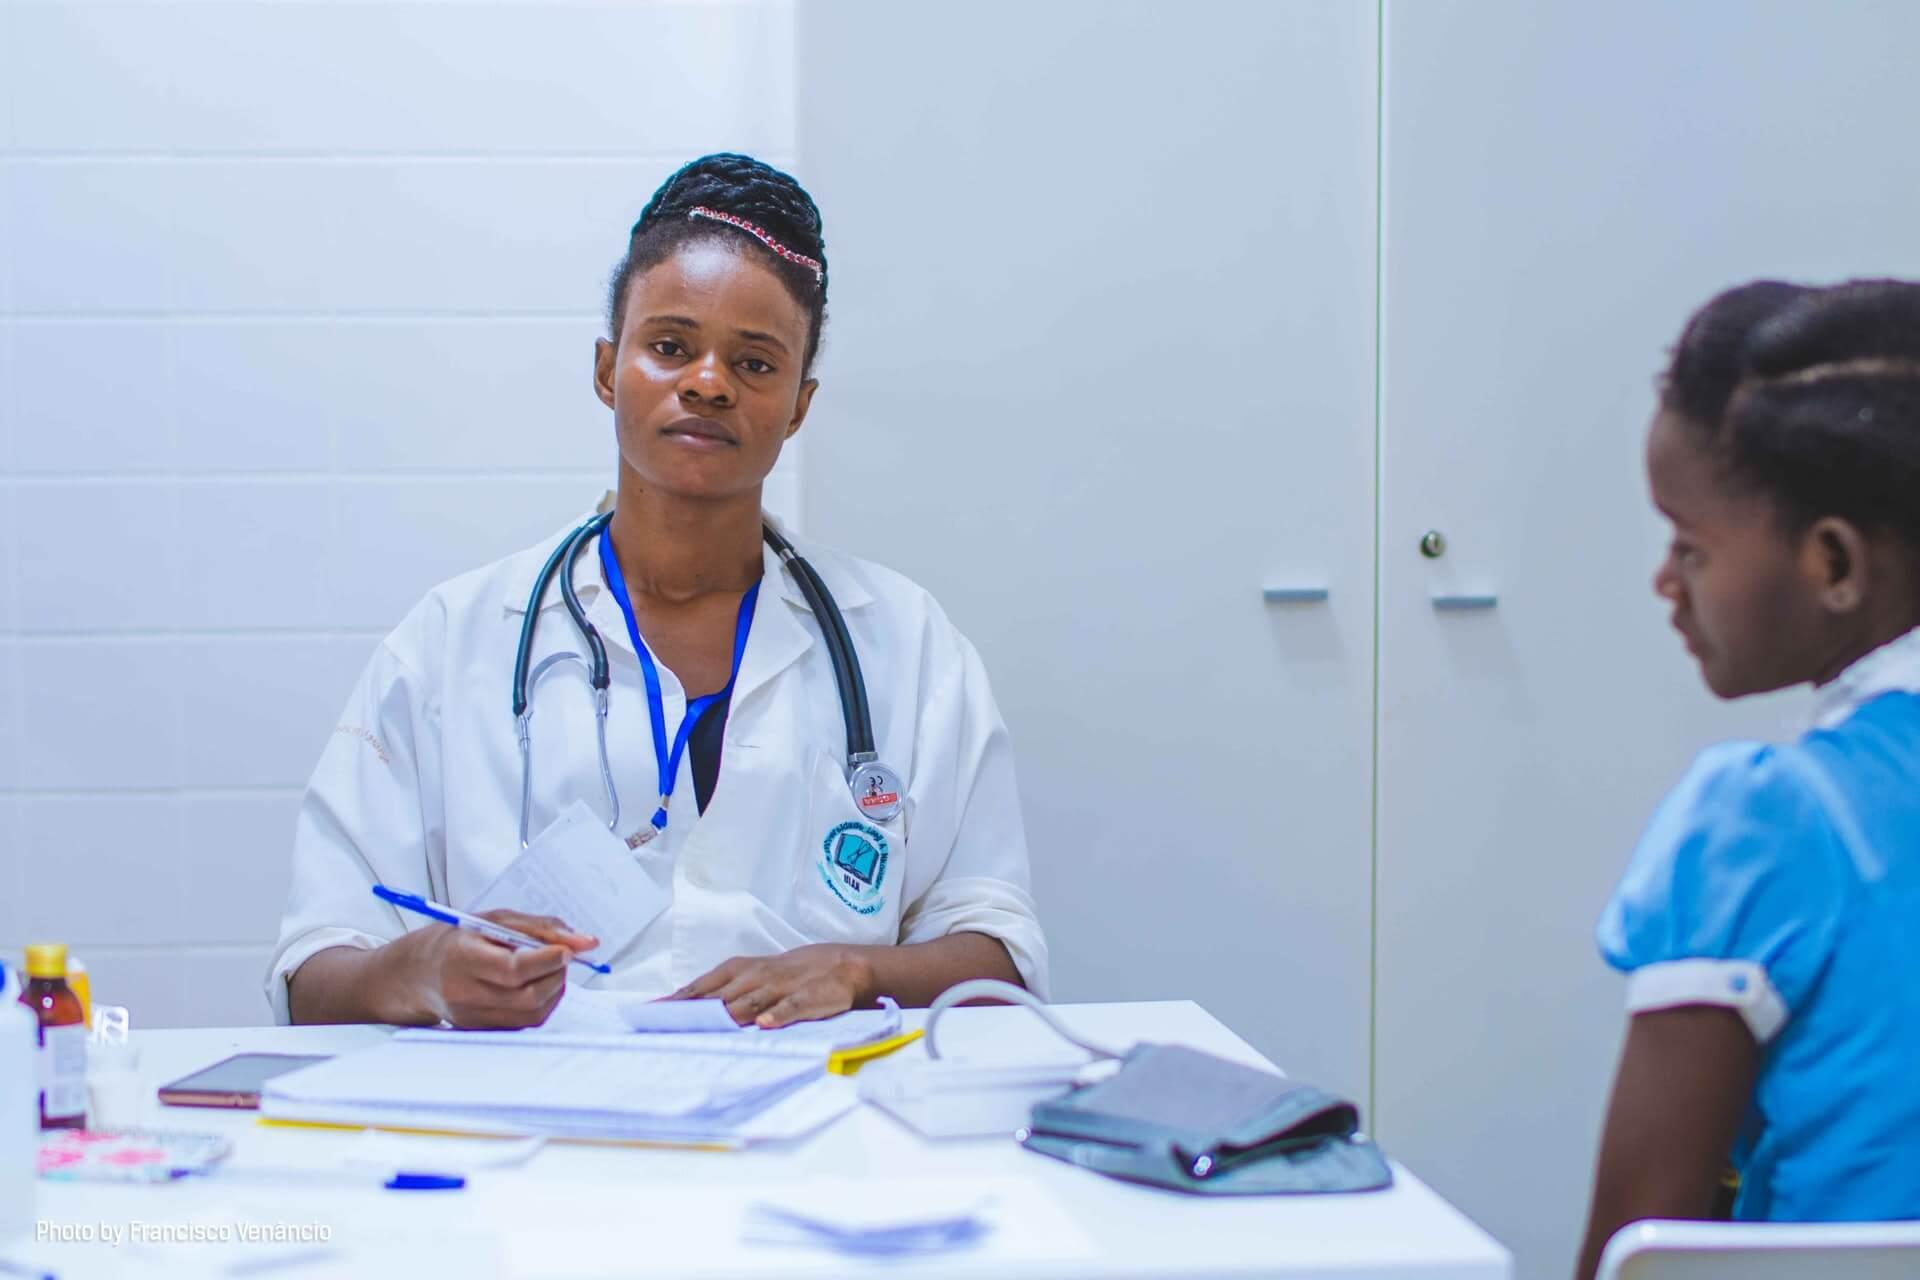 Médecin résident